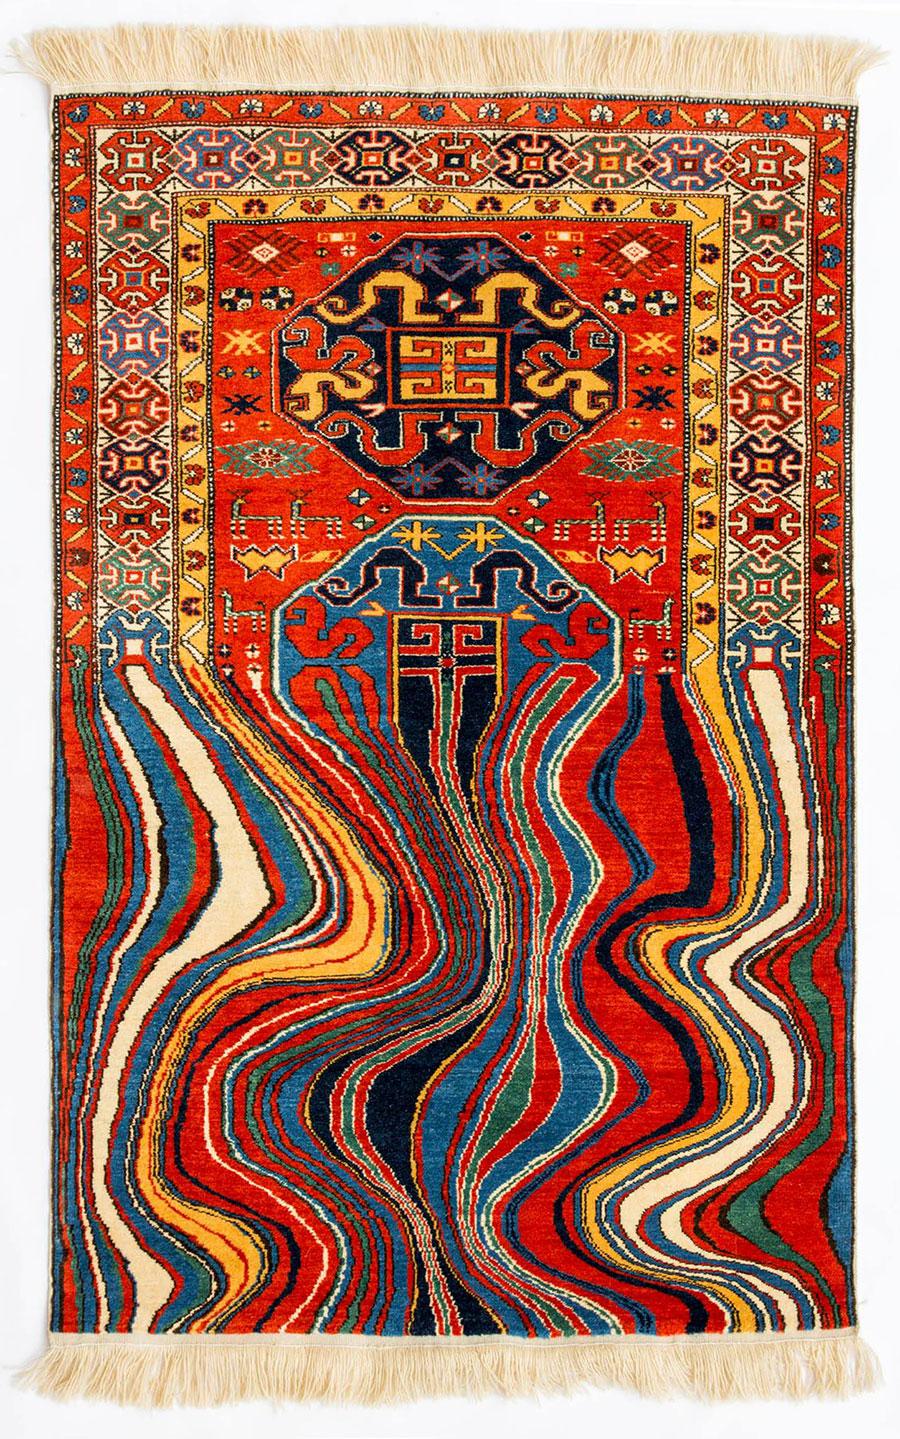 Современные ковры из традиционного азербайджанского текстиля от Фаига Ахмеда.